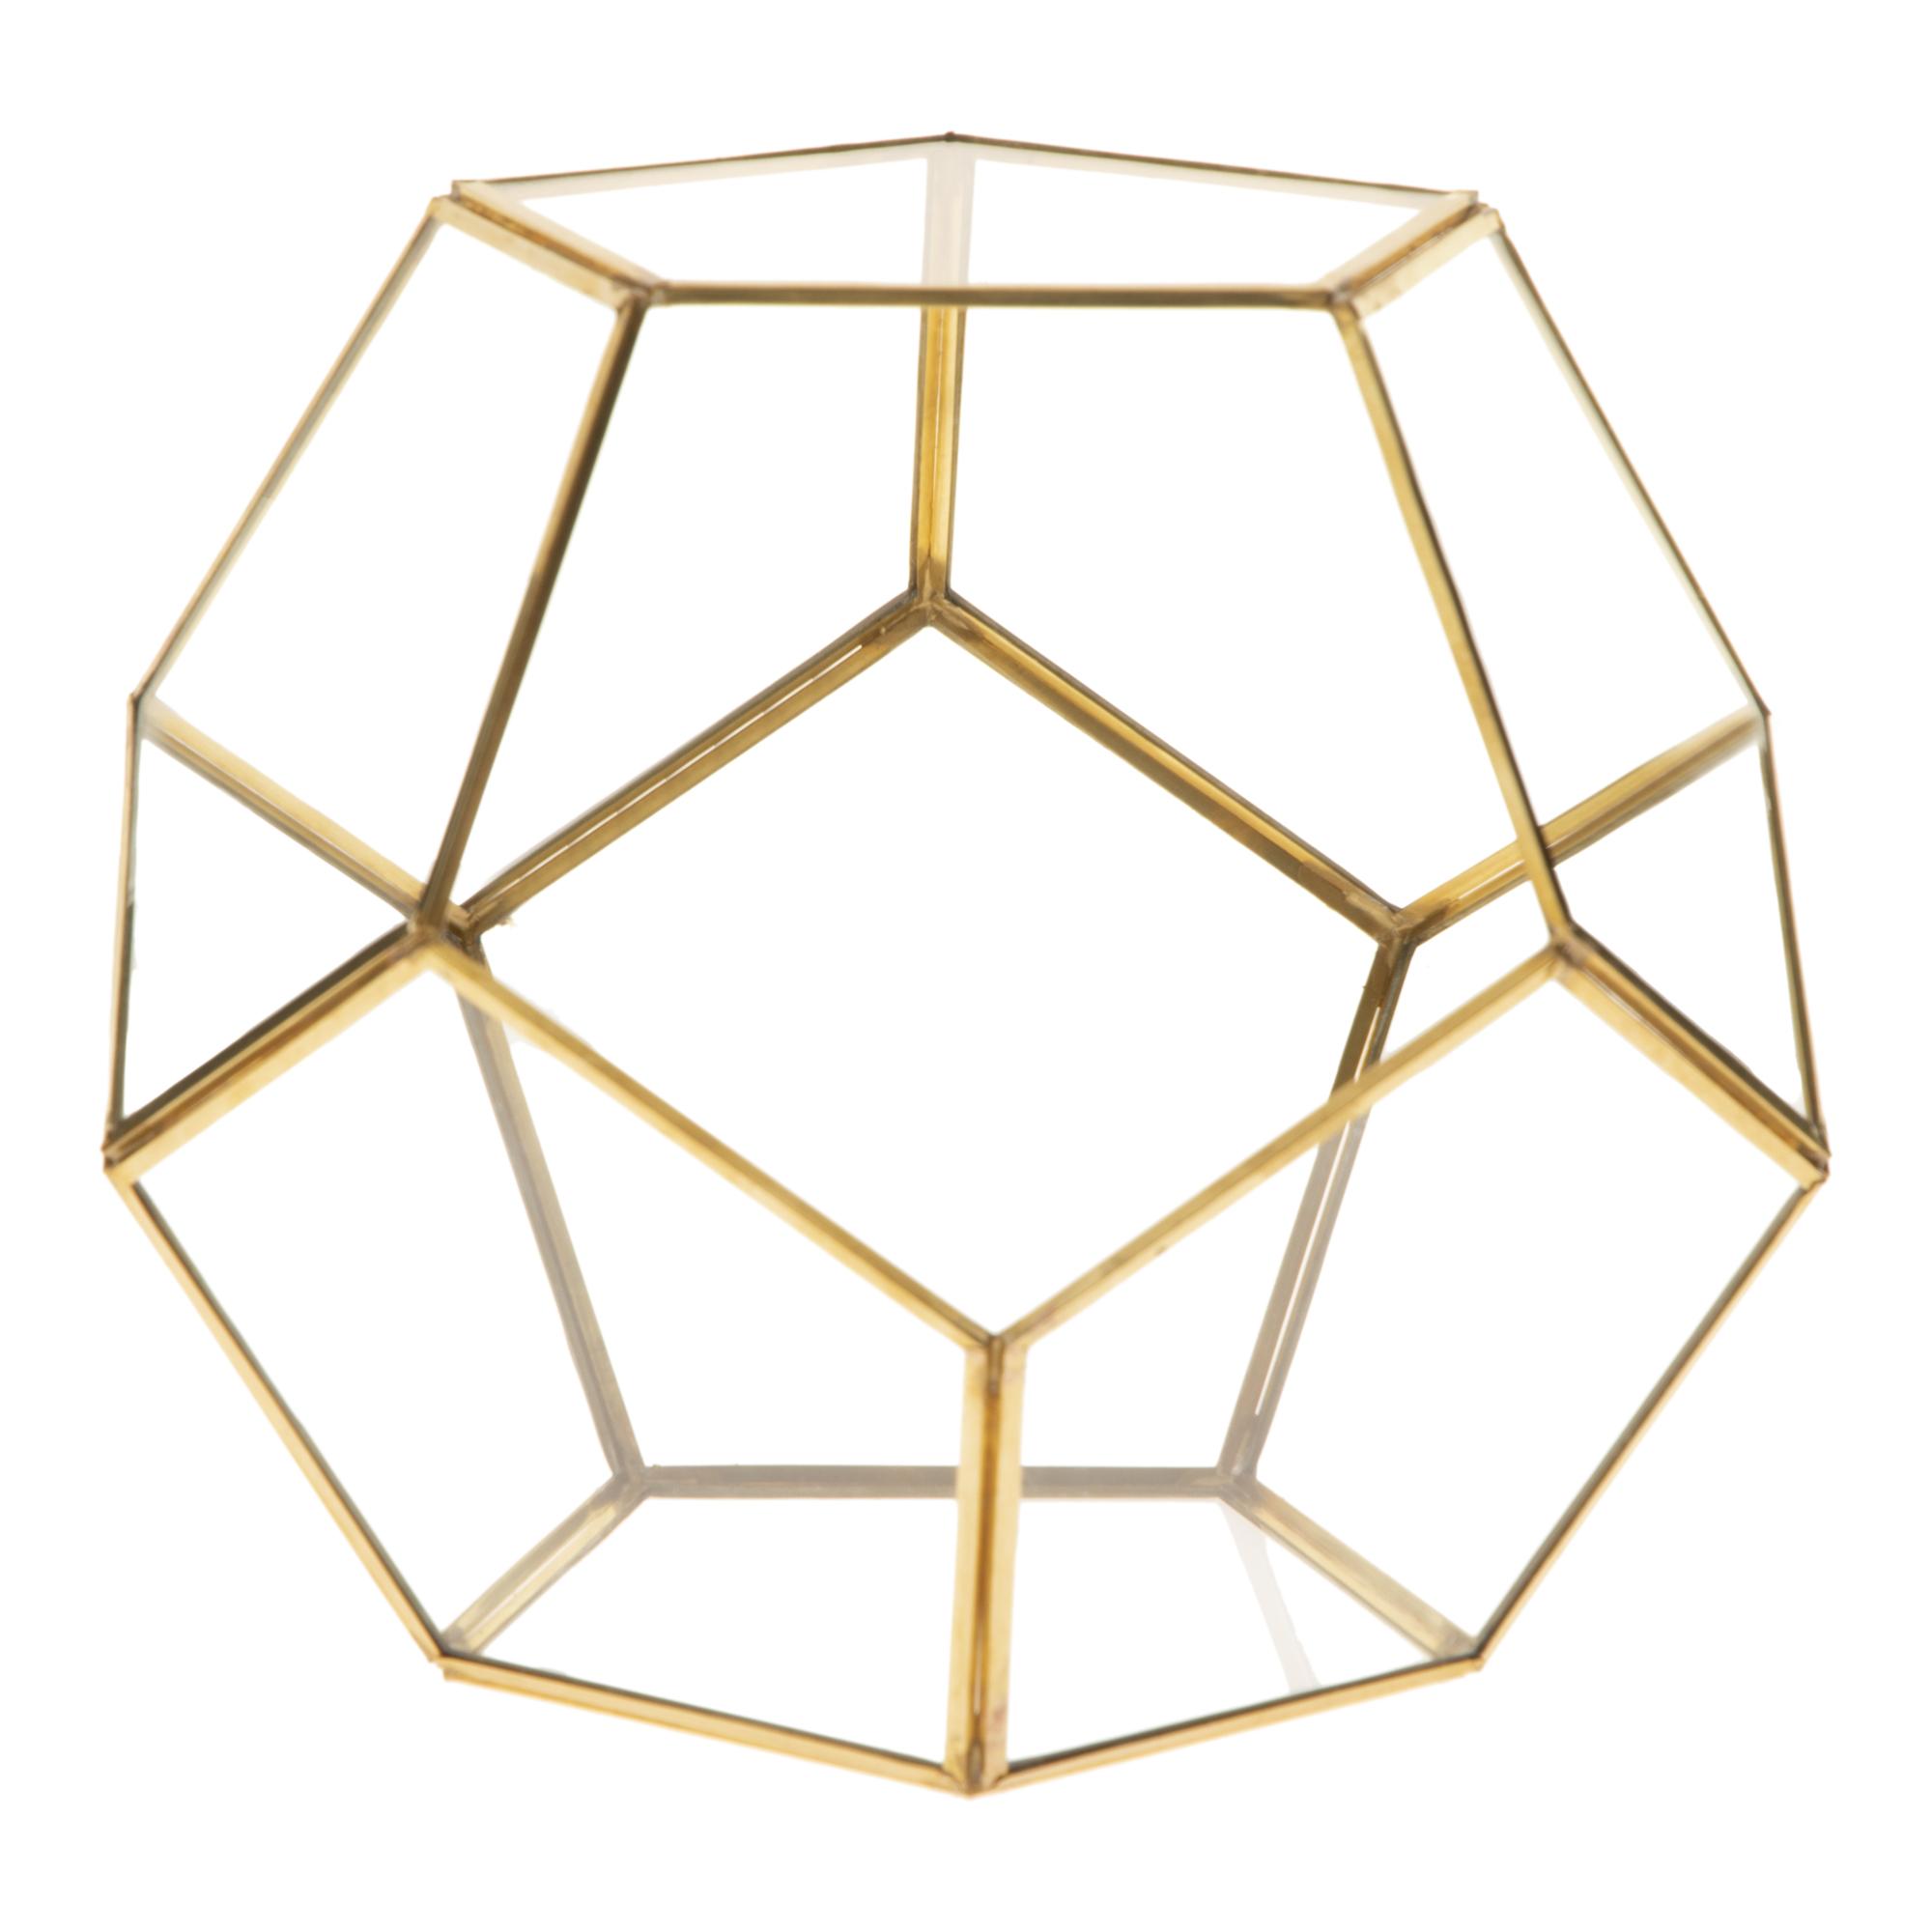 گلدان شیشه ای مدل آلفا کد MK3723